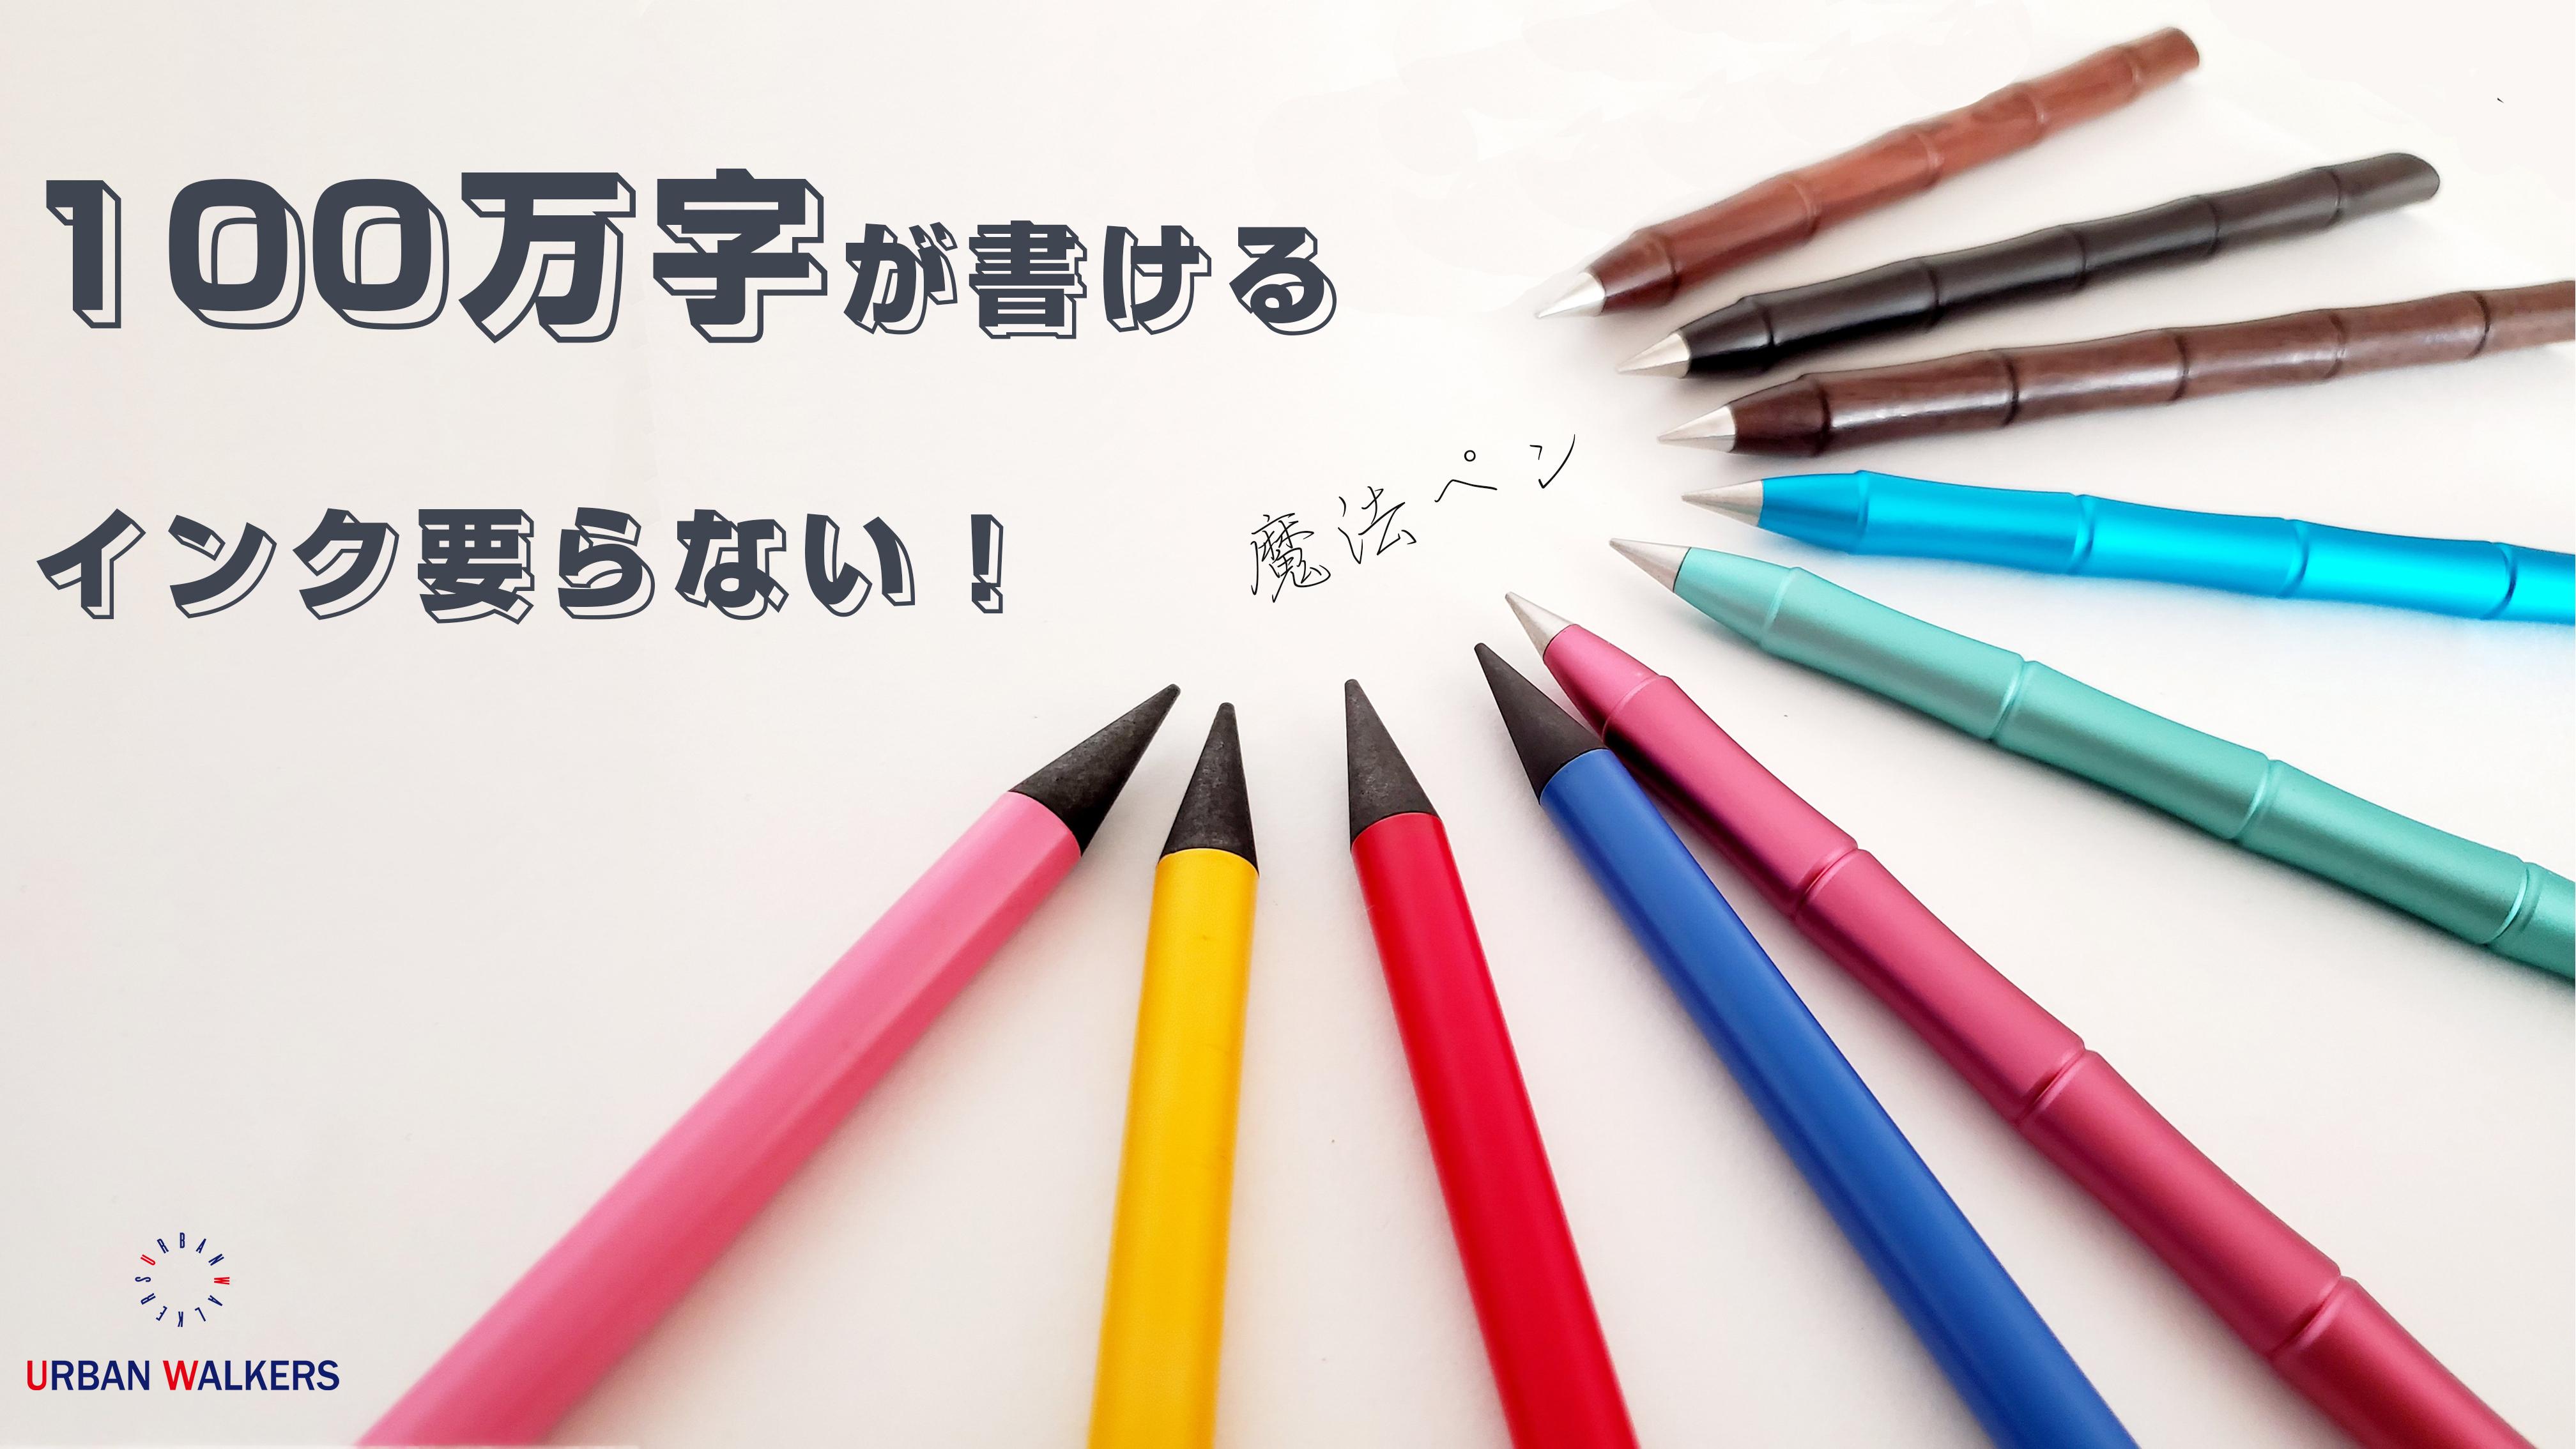 【即納】ず~と使えるズットペン ジャストブラック   インクが要らないのに、1本で100万字かける 特殊石墨 消しゴム付き